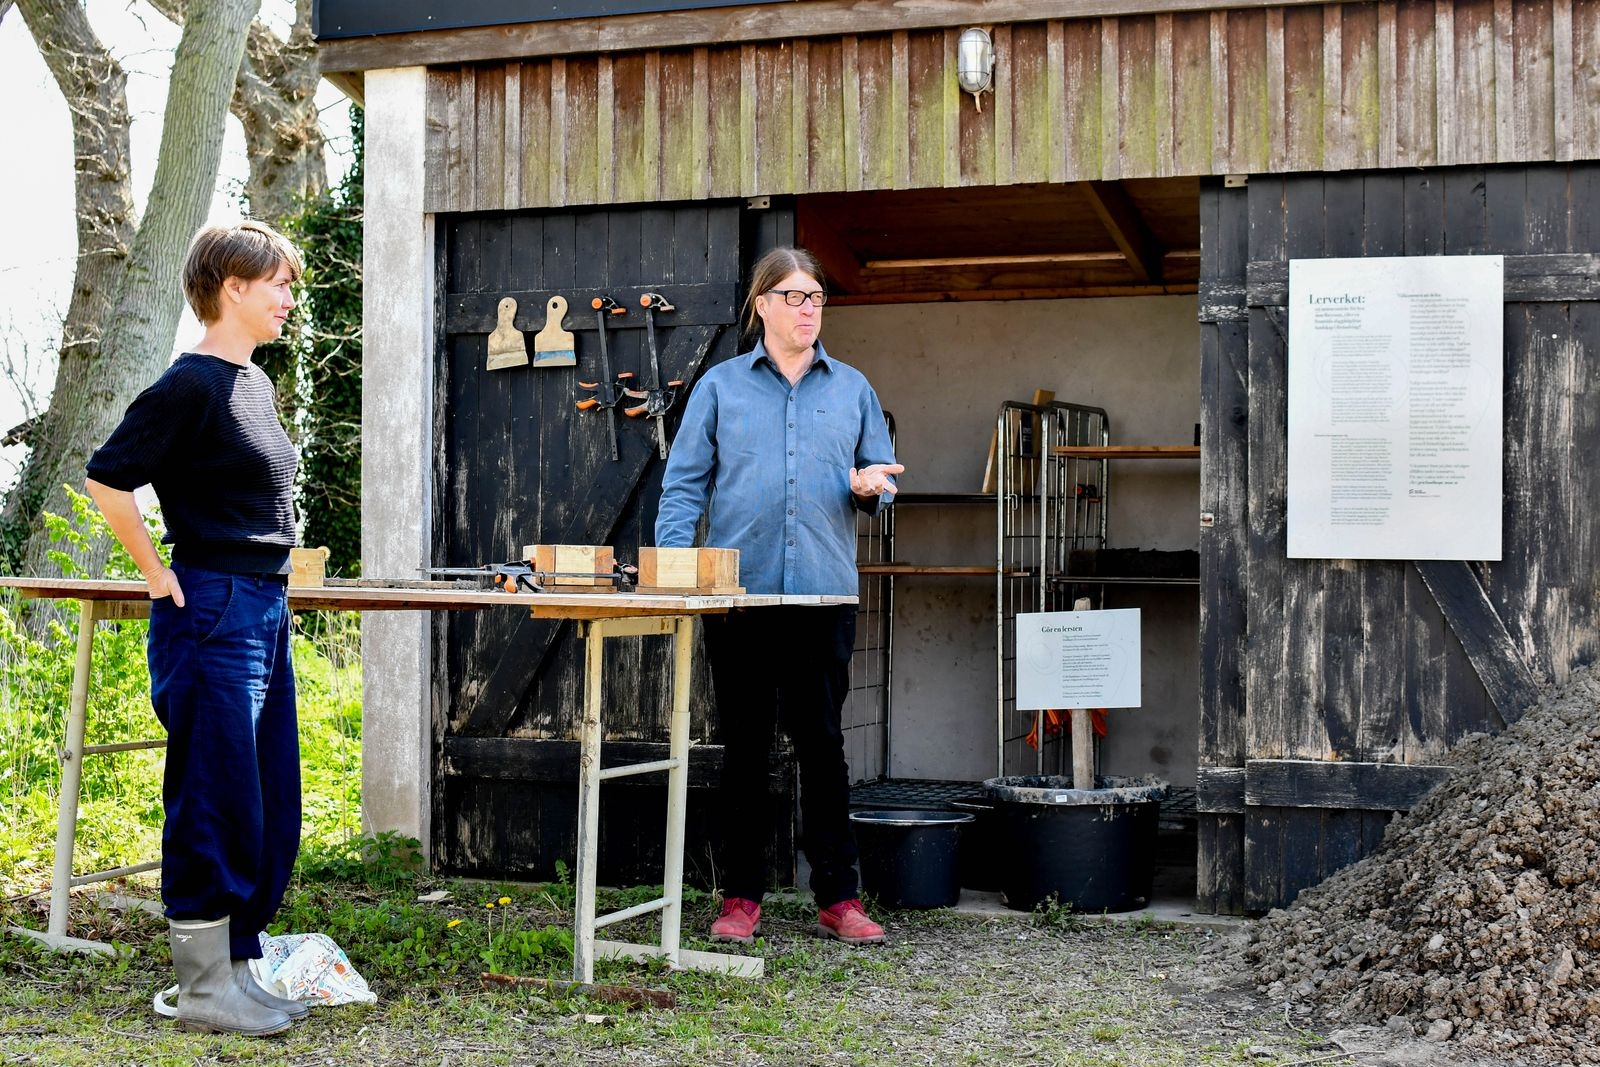 """Minnesmärke eller framtida slagghög? Malmö Universitet K3:s bidrag till Årets Art walk består av ett interaktivt lerverk som är en del av det större projektet """"Hopp & Sorg i Omställning"""". Passerande inbjuds att stanna till för att tillverka en lersten. """"Leran kommer från Bondrum och innehåller potentiellt både rester från en lokal by som jämnades med marken för snart 150 år sedan och vanadin, ett material EU har klassificerat som viktigt för framtiden"""" berättar Kristina Lindström."""